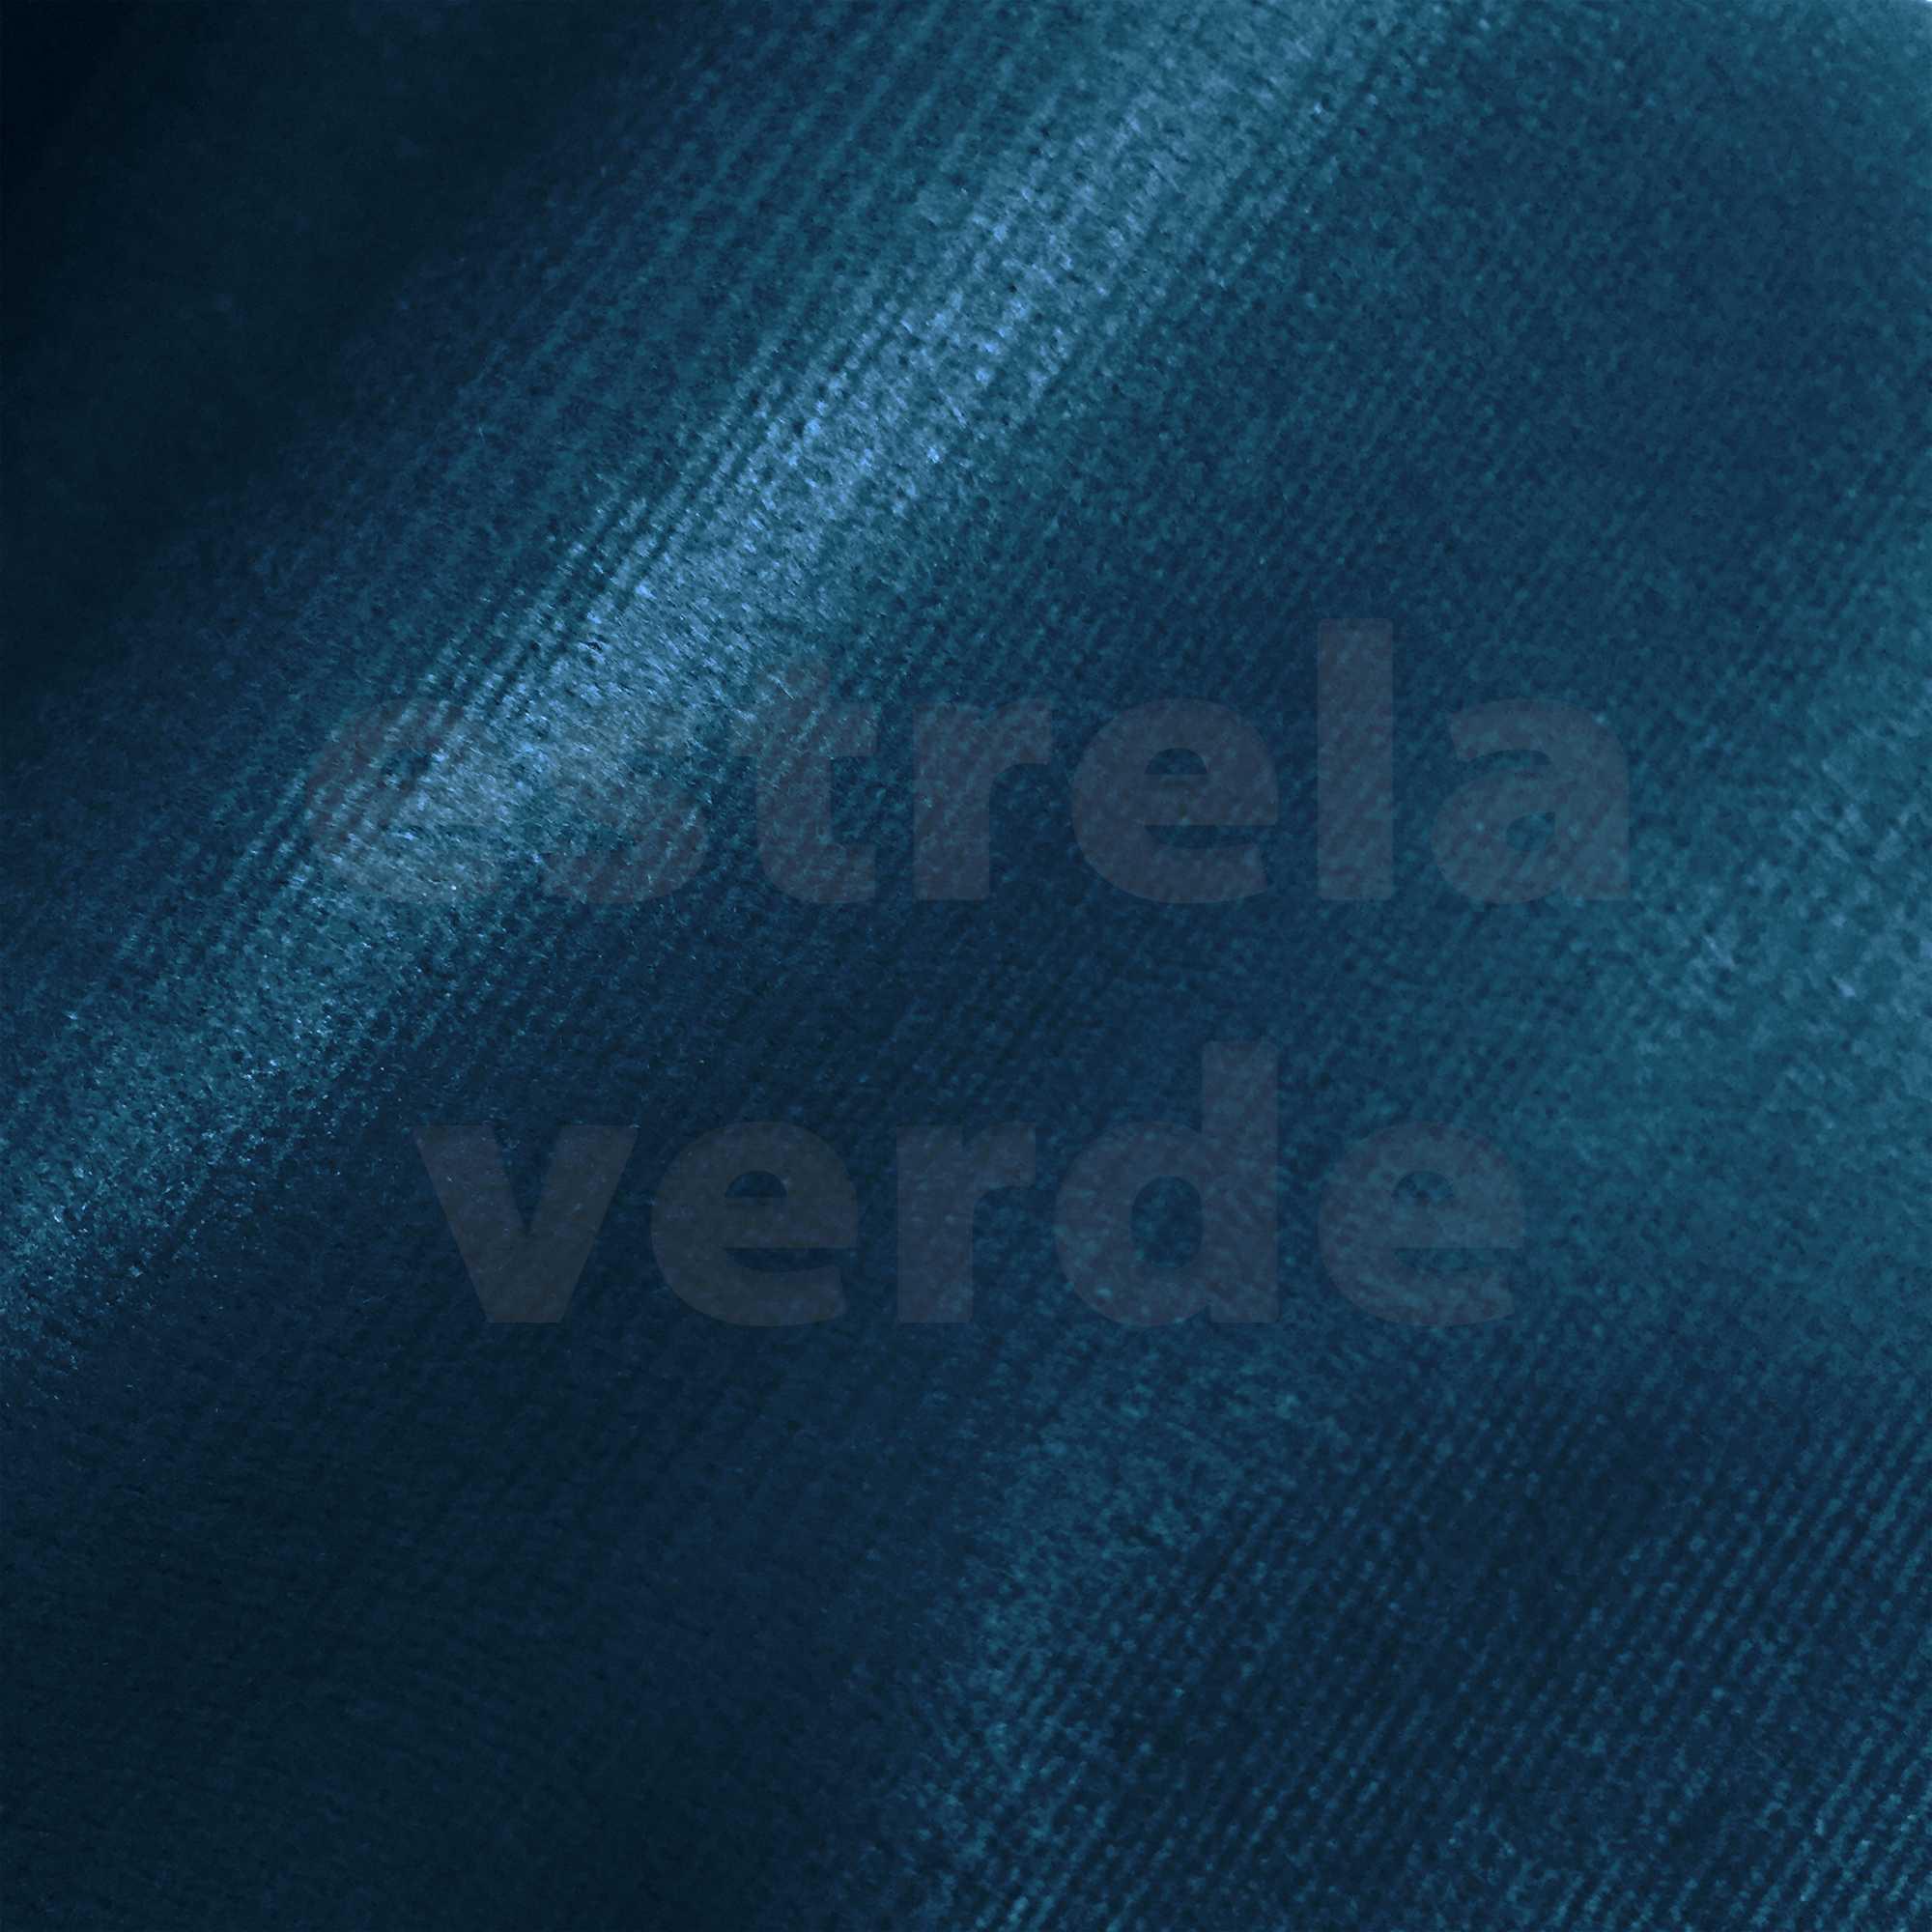 VELUDINHO AZUL MARINHO 14  - Estrela Verde